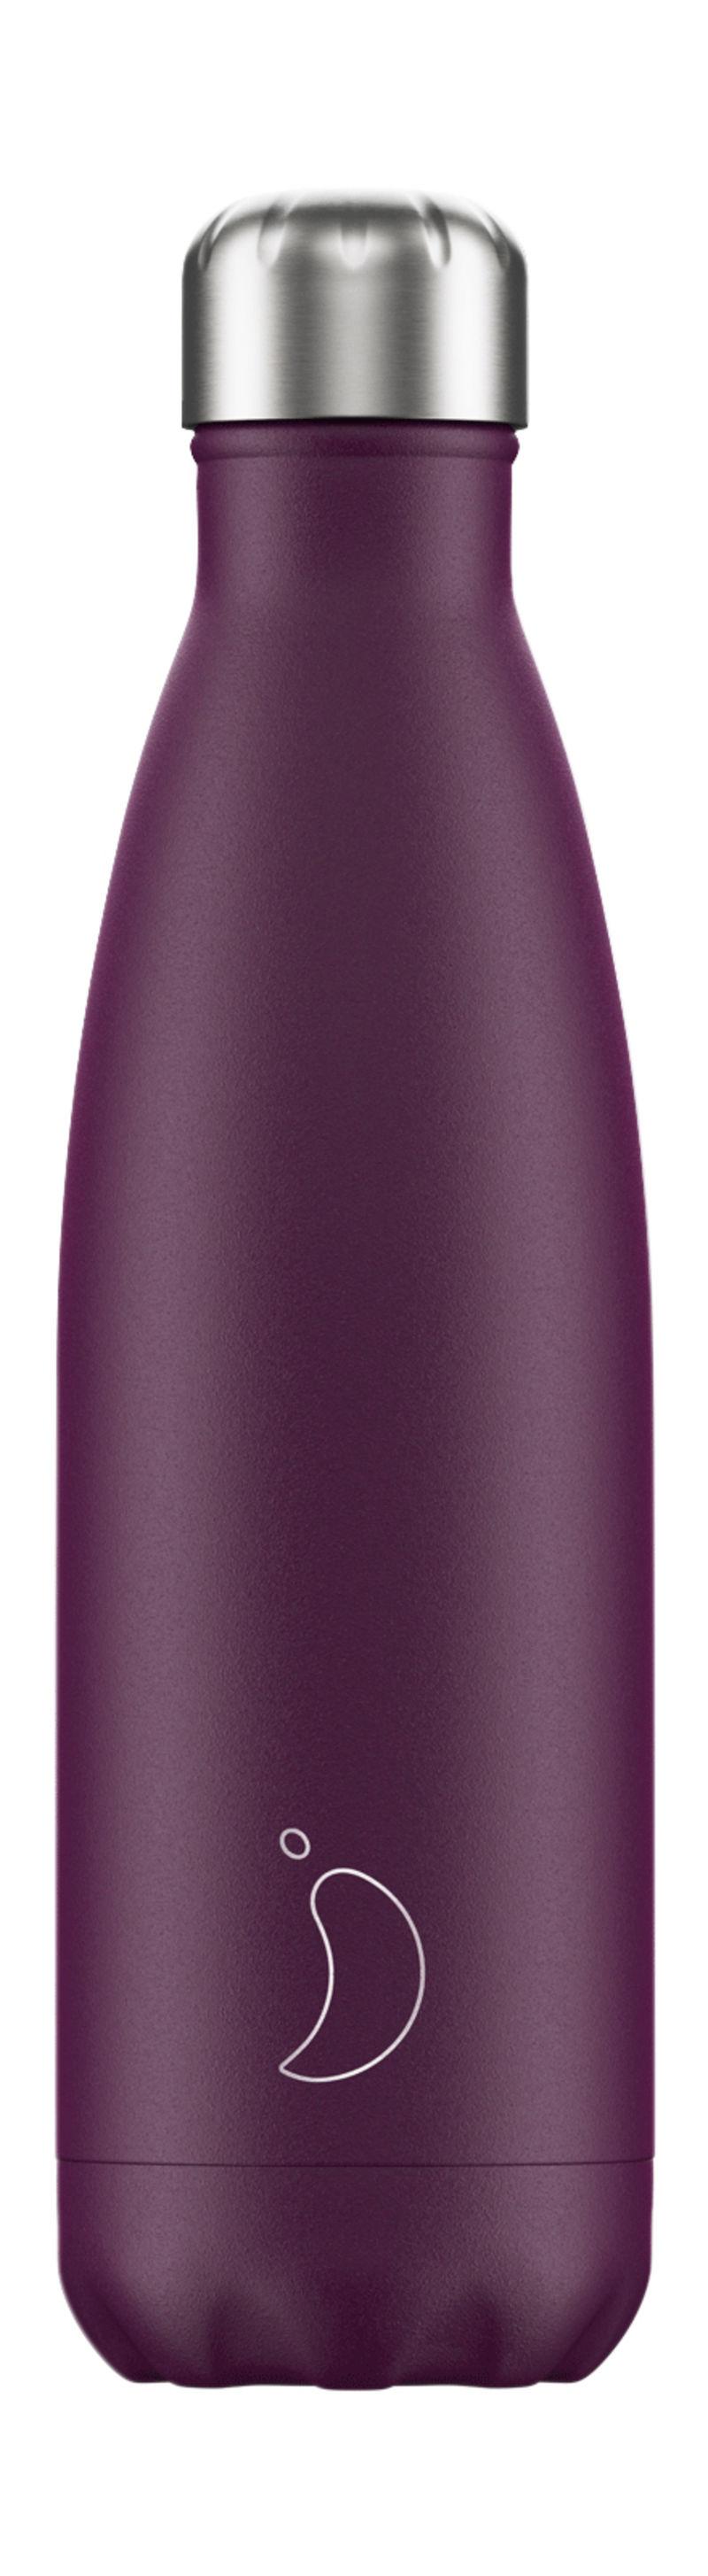 Botella Inox Purpura Mate 500ml -